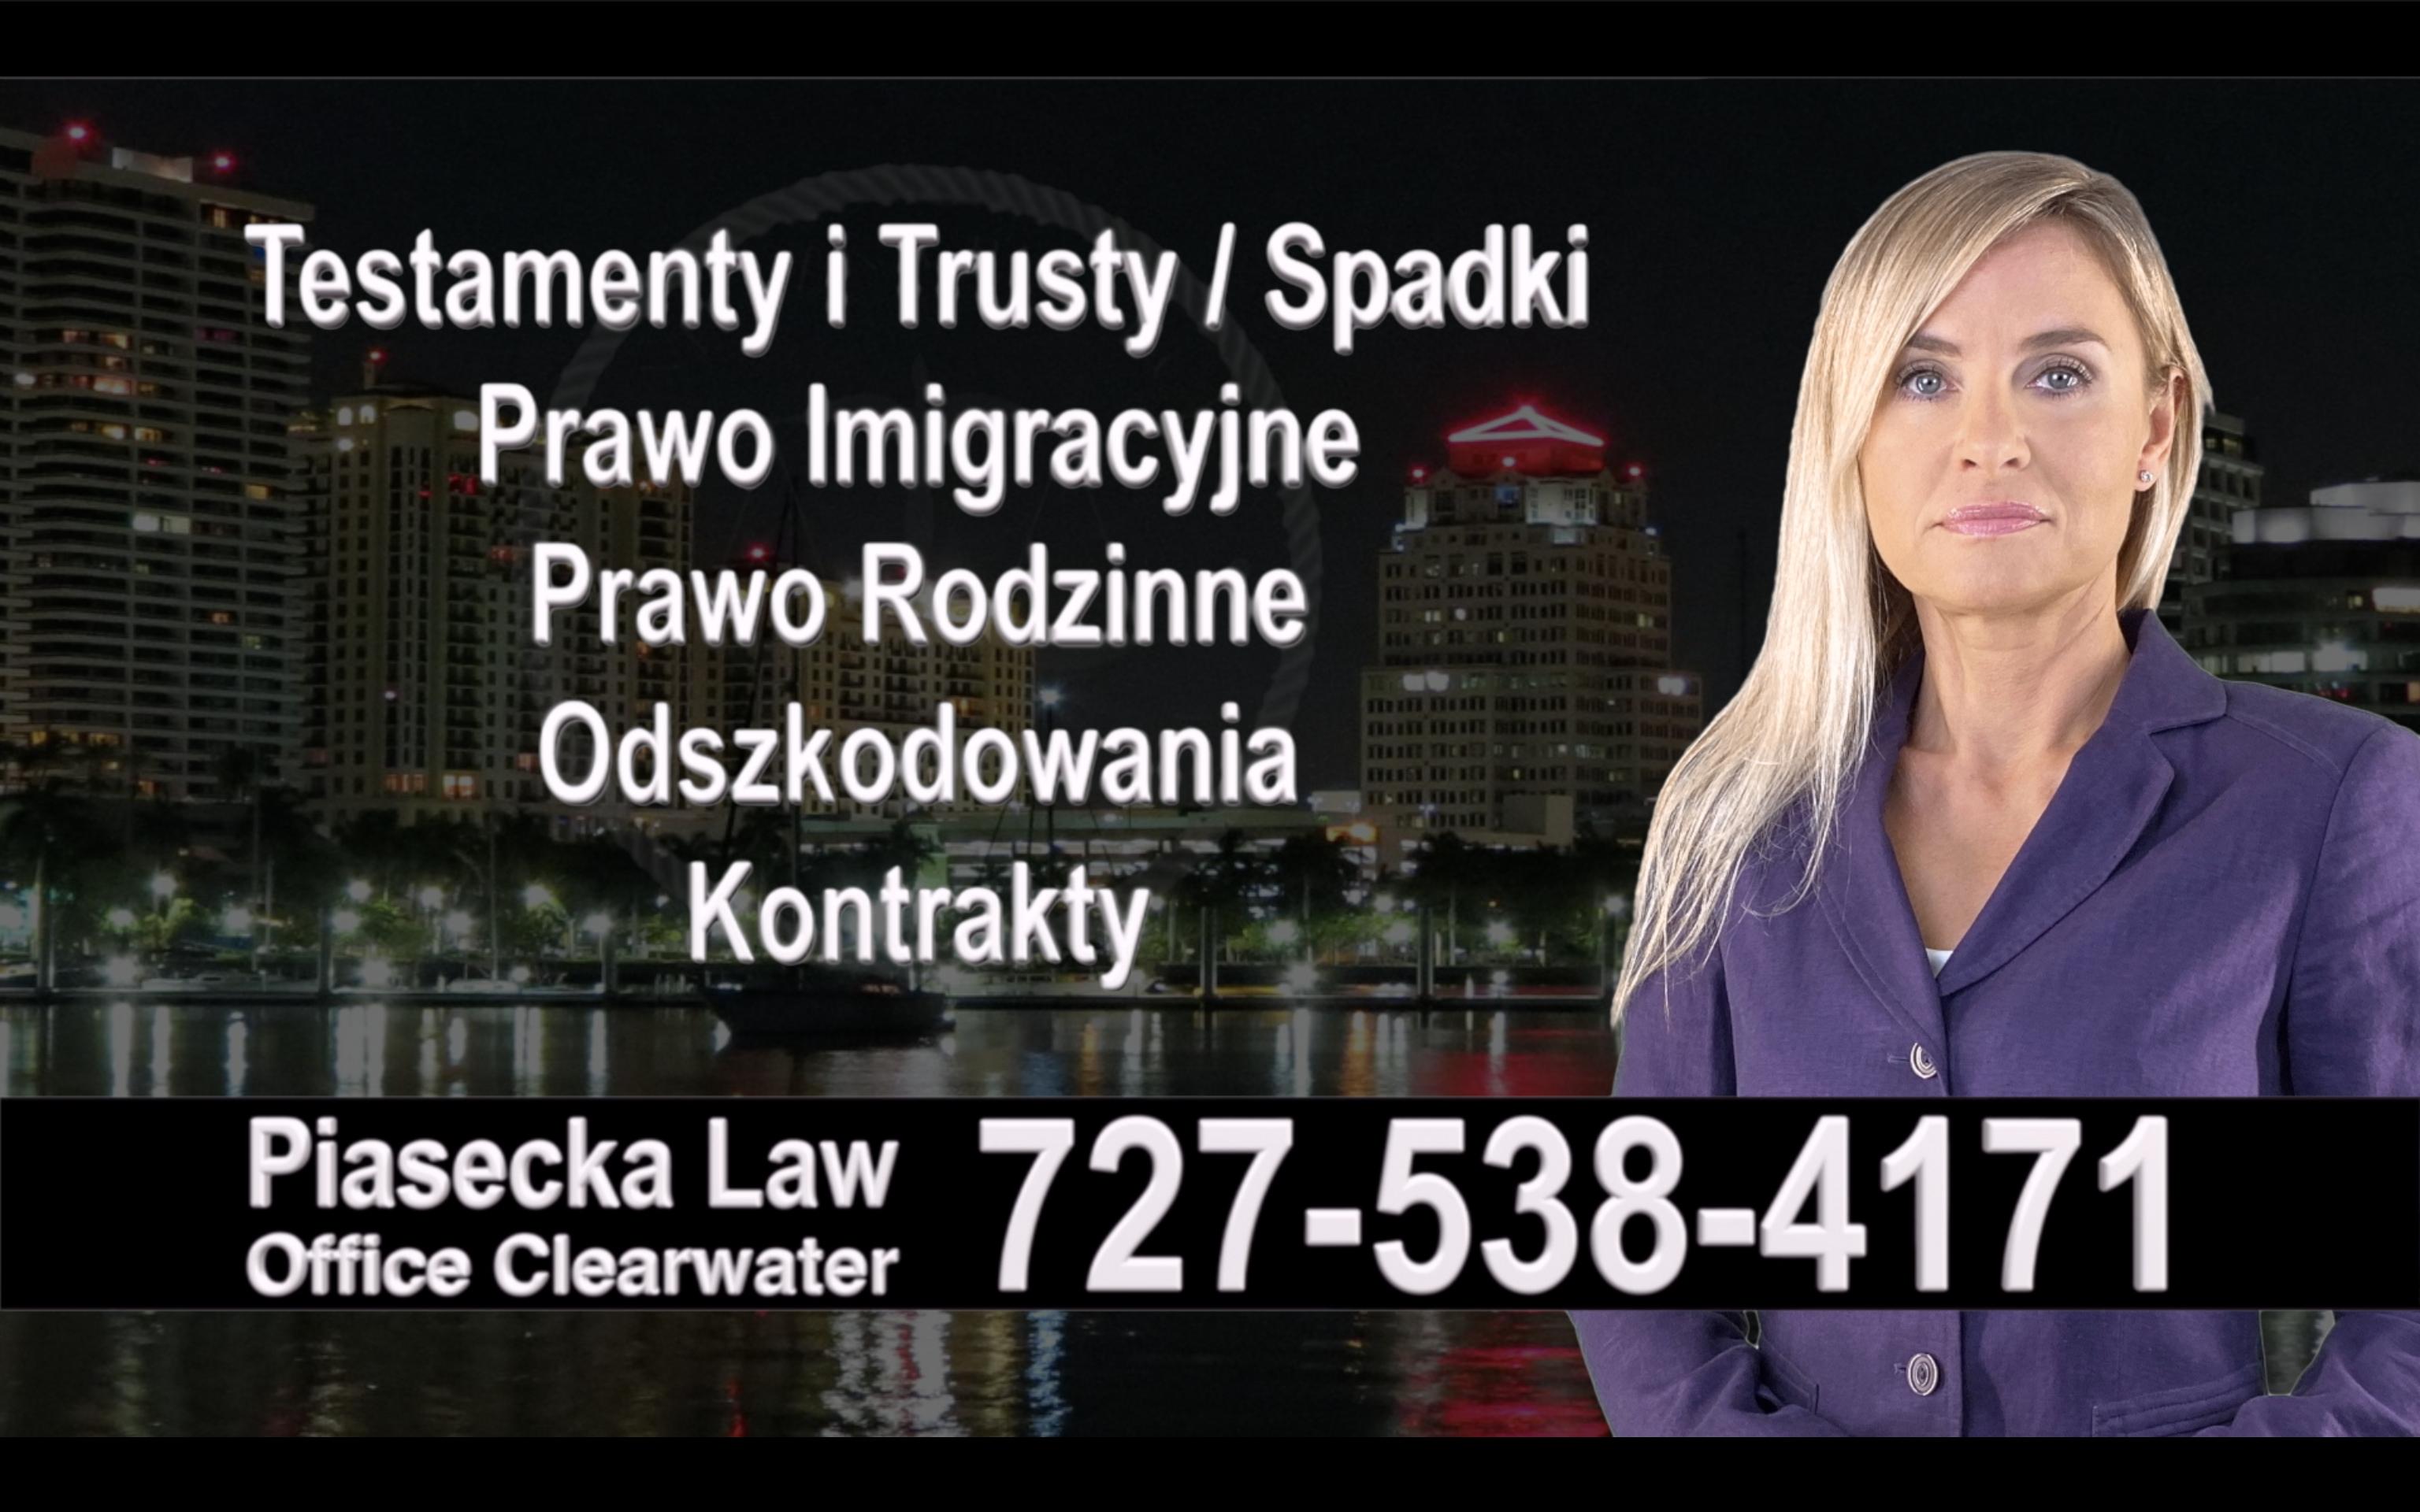 Bay Pines Polski, Prawnik, Adwokat, Testamenty, Trusty, Testament, Trust, Prawo, Spadkowe, Imigracyjne, Rodzinne, Rozwód, Wypadki, Agnieszka Piasecka